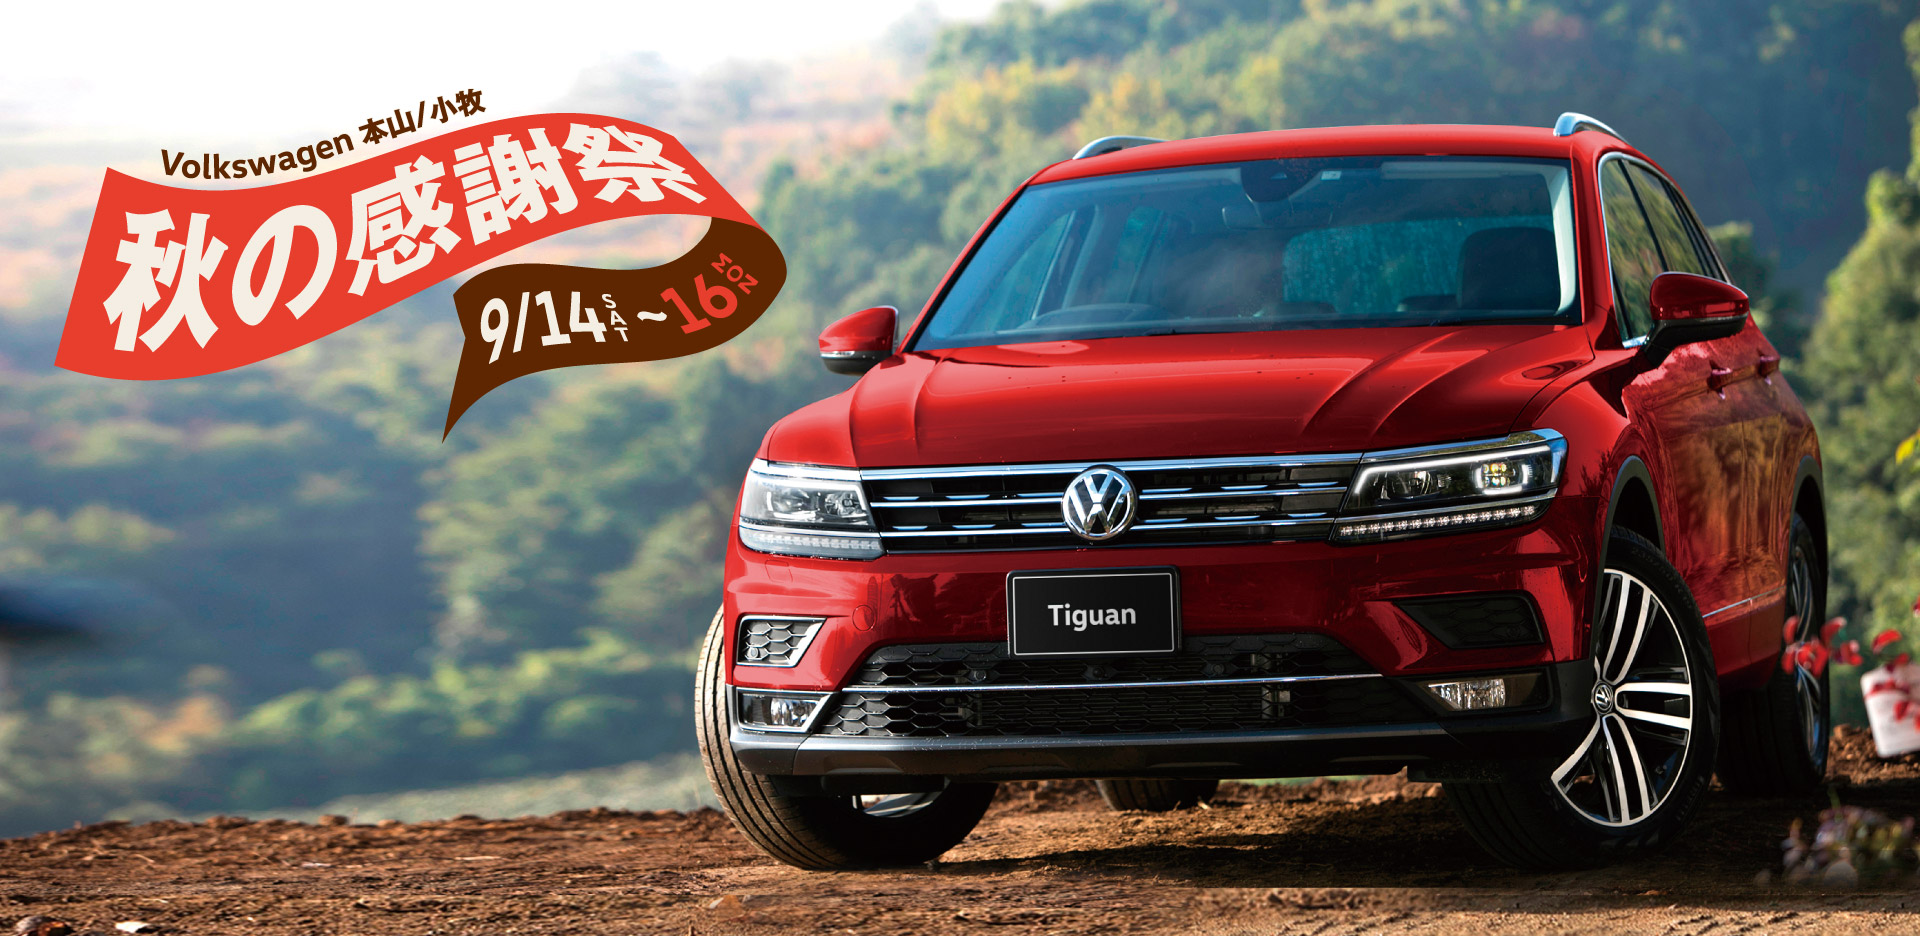 Volkswagen 小牧 秋の感謝祭